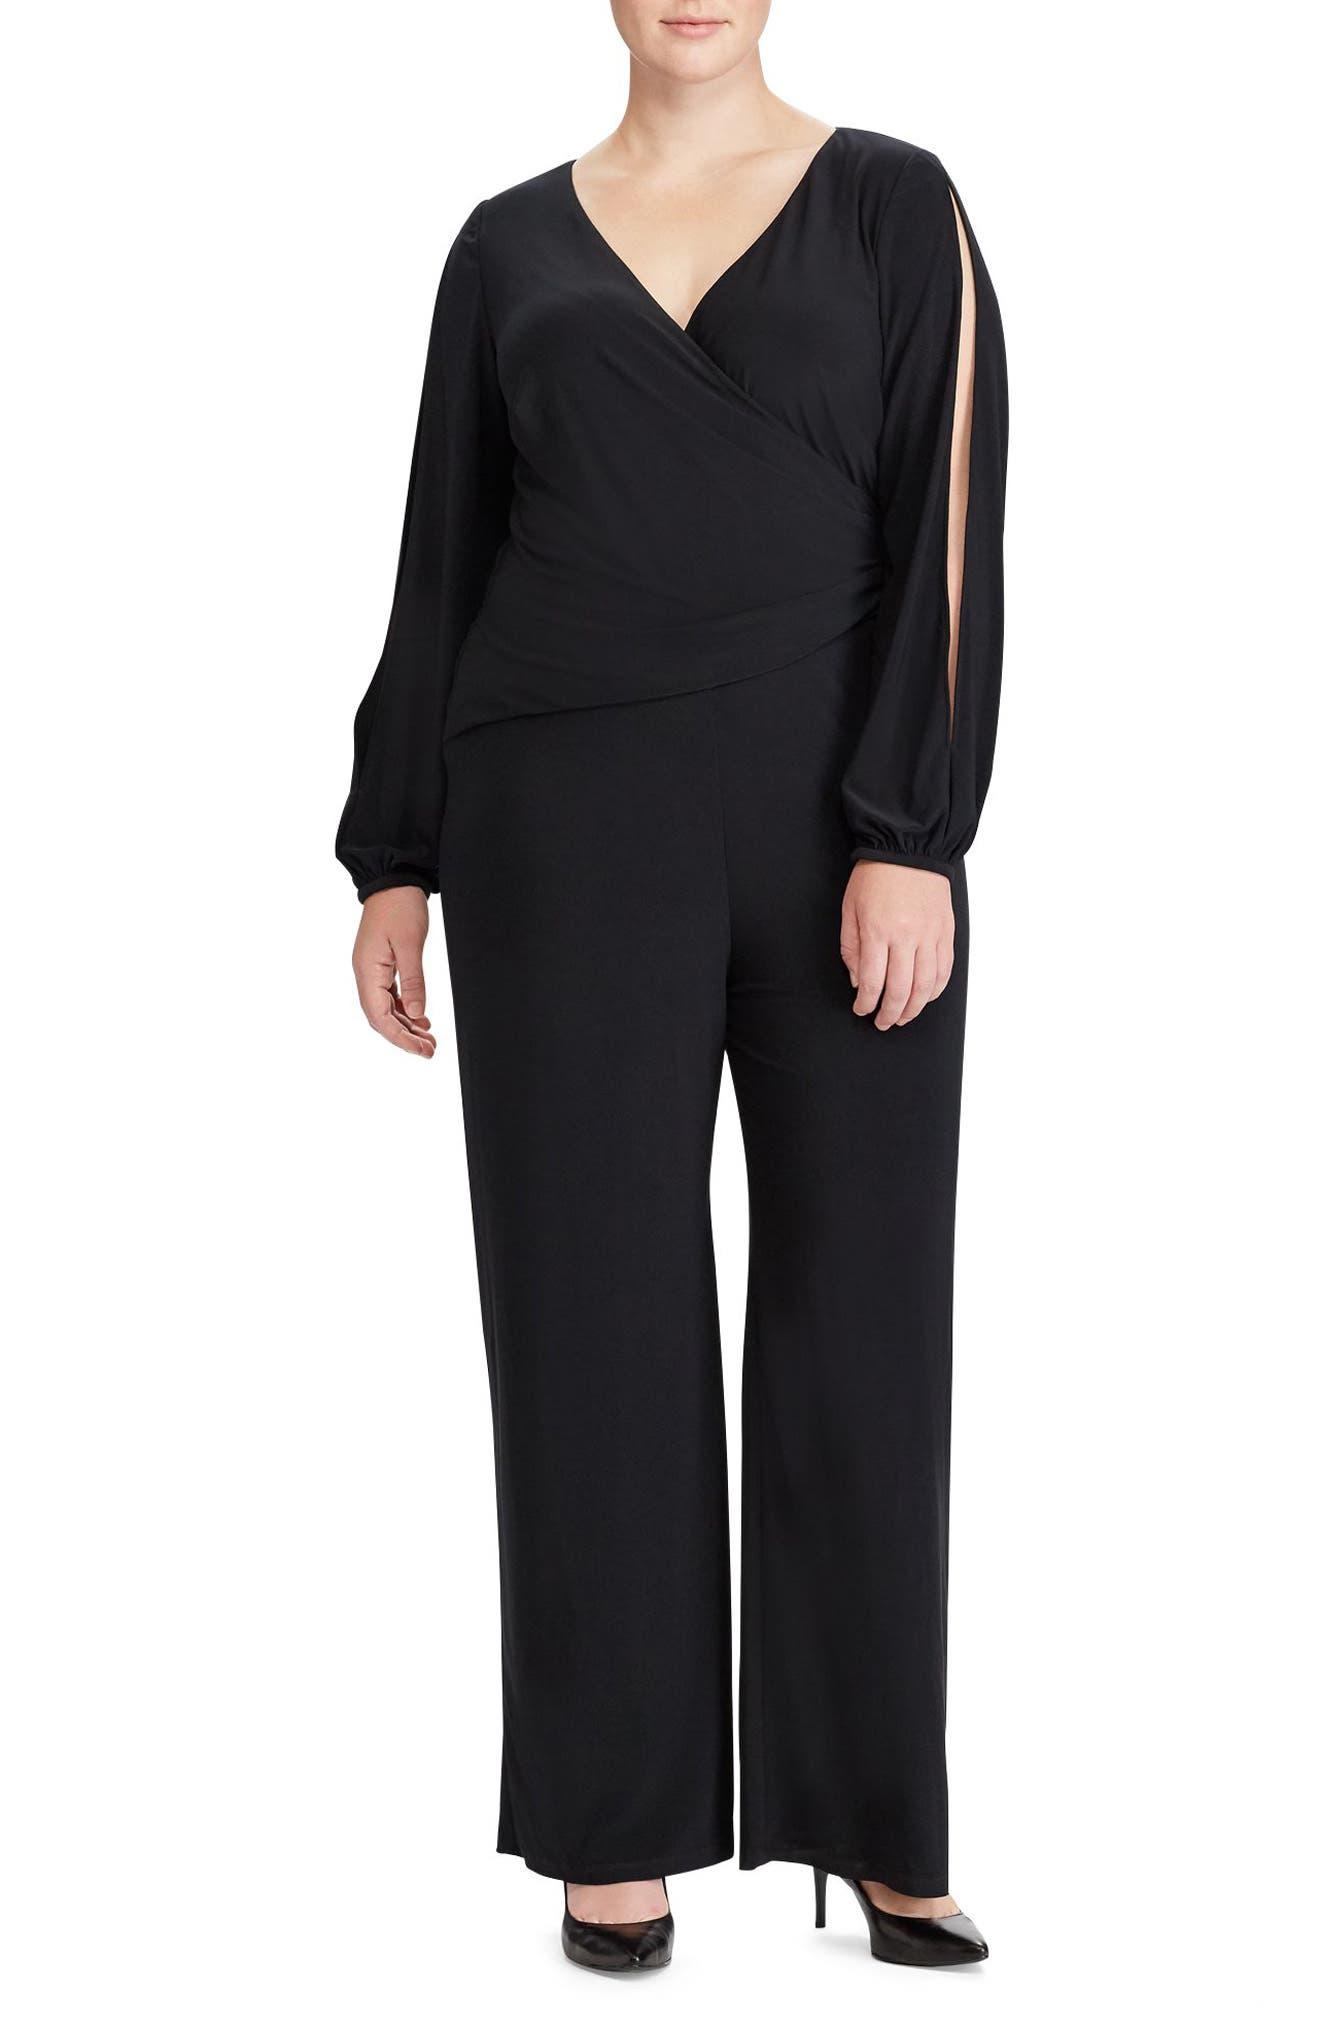 Alternate Image 1 Selected - Lauren Ralph Lauren Gustana Jumpsuit (Plus Size)